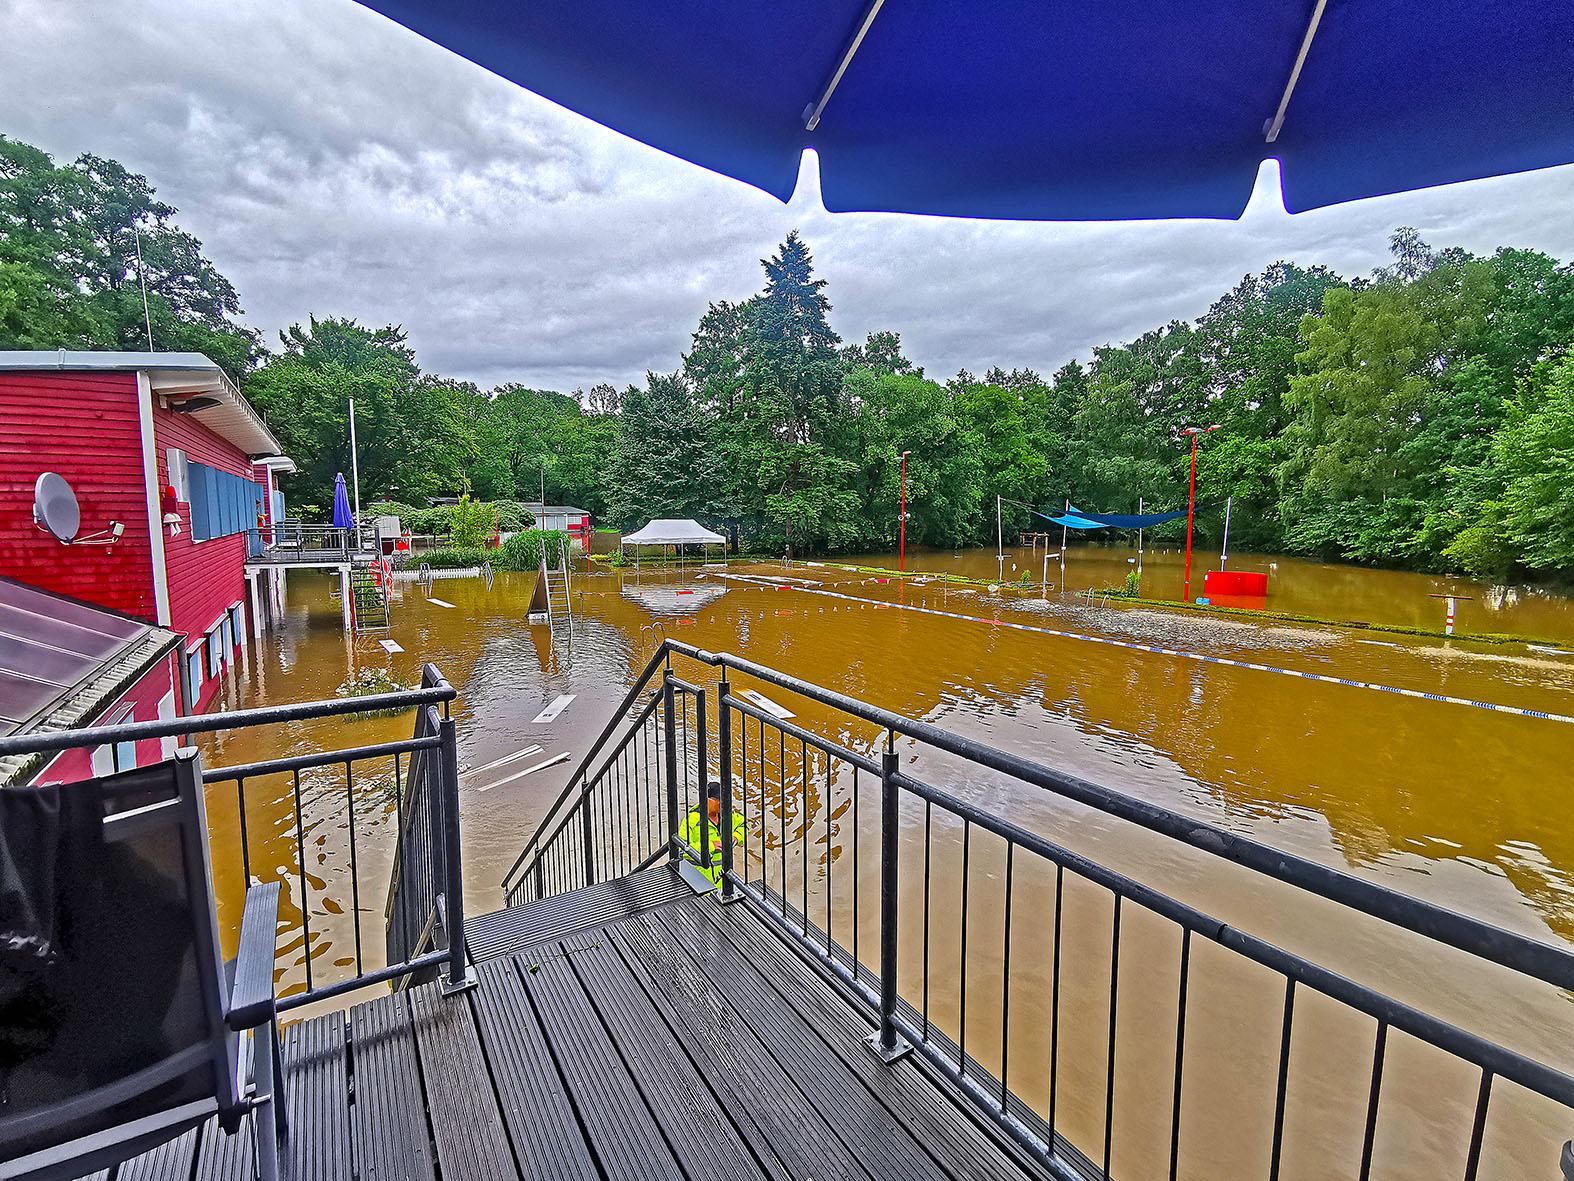 Elsebad abgesoffen: Braune Fluten überschwemmen Becken und Wiese